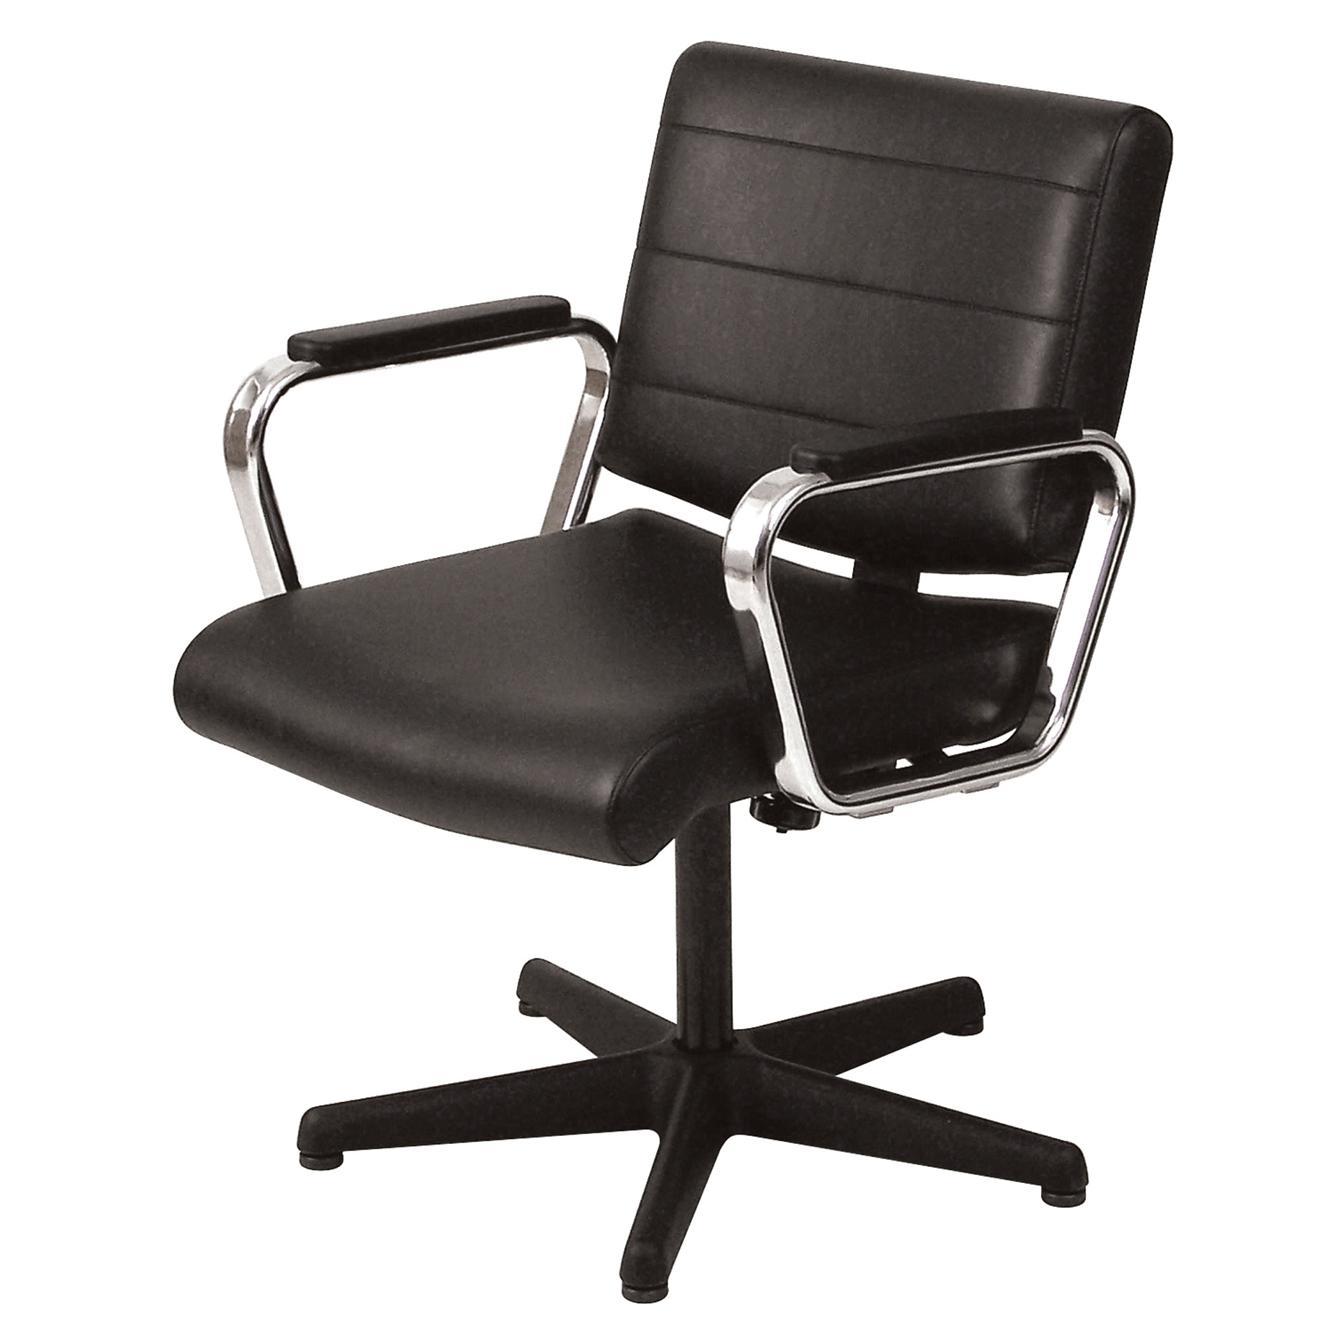 Belvedere - Arrojo Shampoo Chair